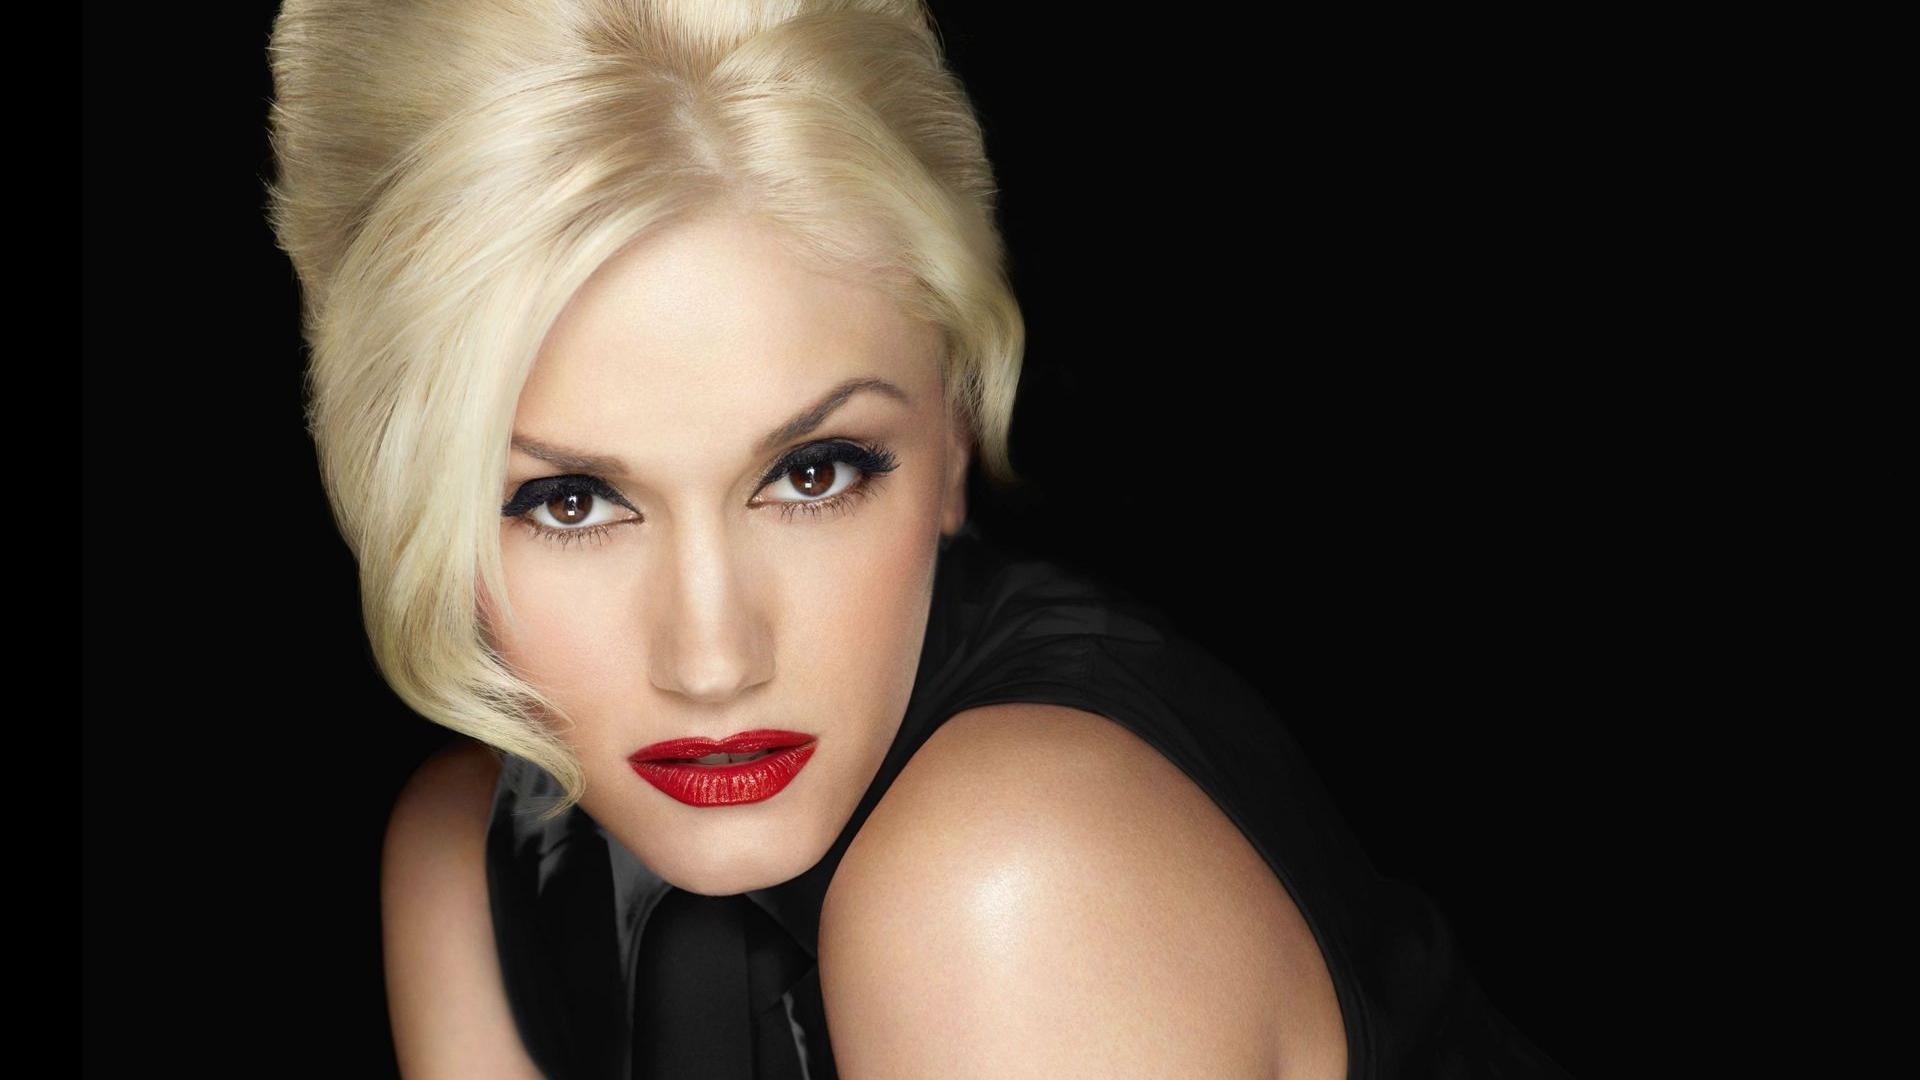 Gwen Stefani - 45